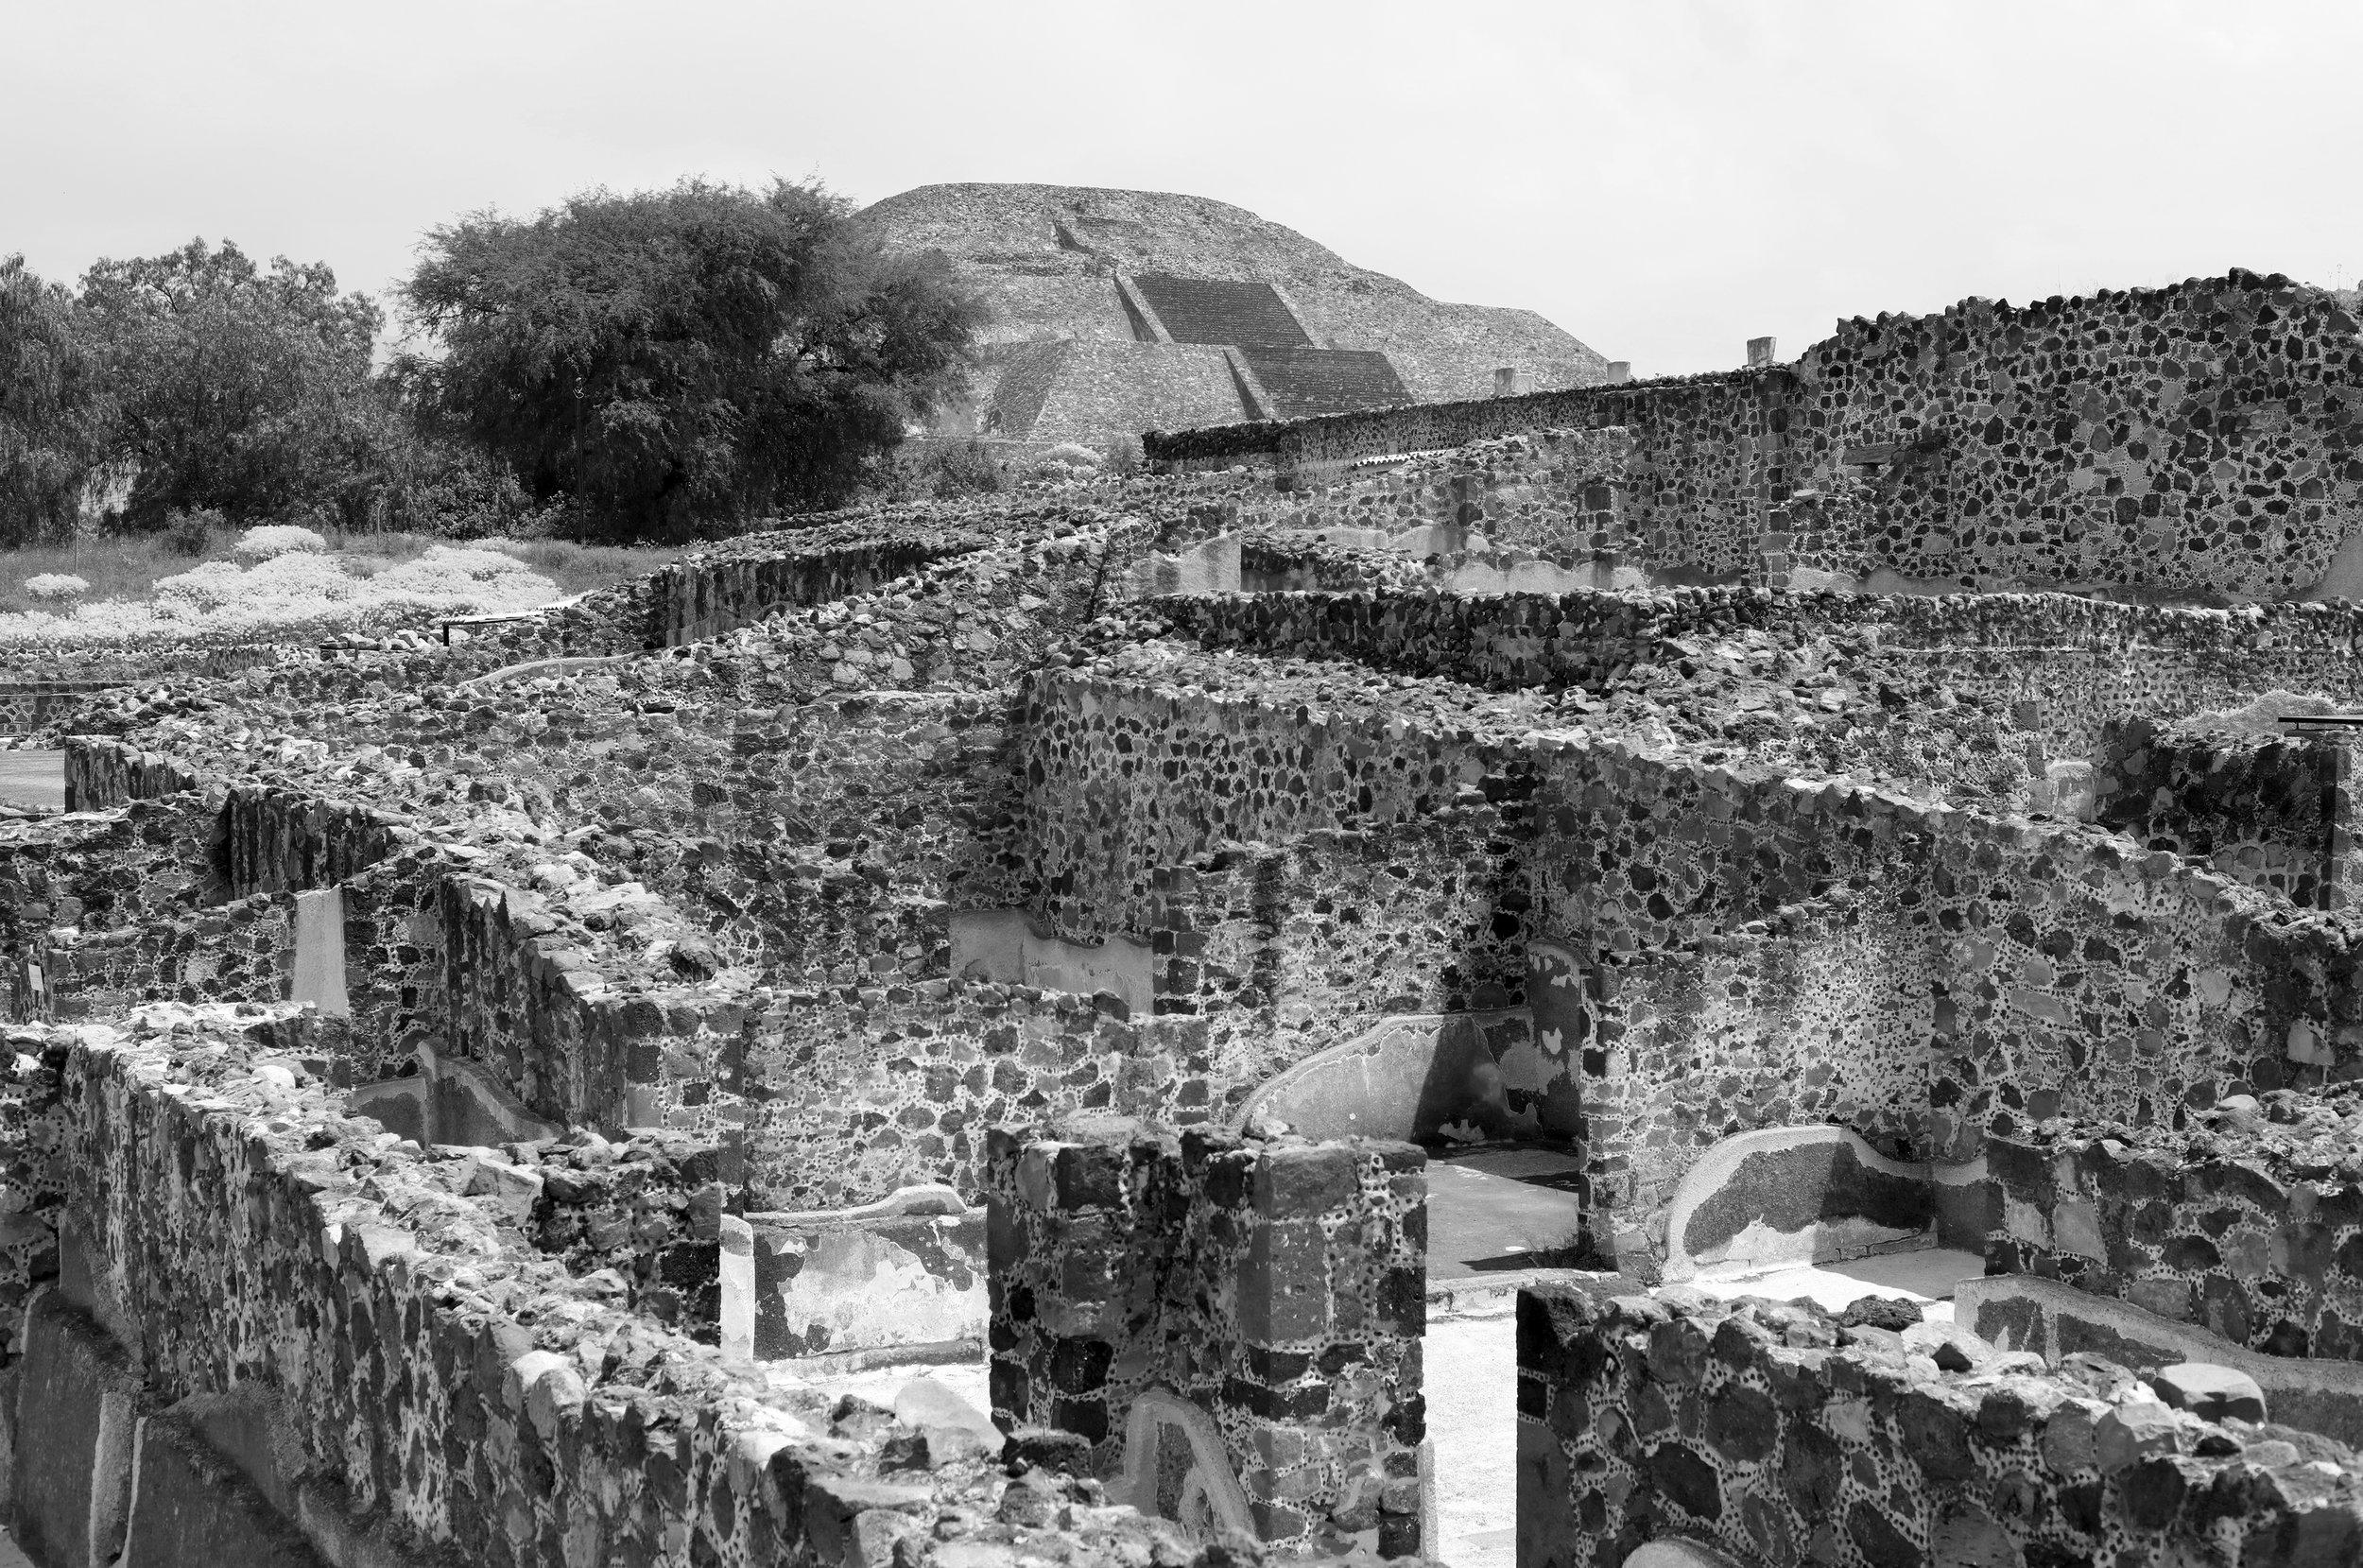 Walls & Pyramid, Black & White